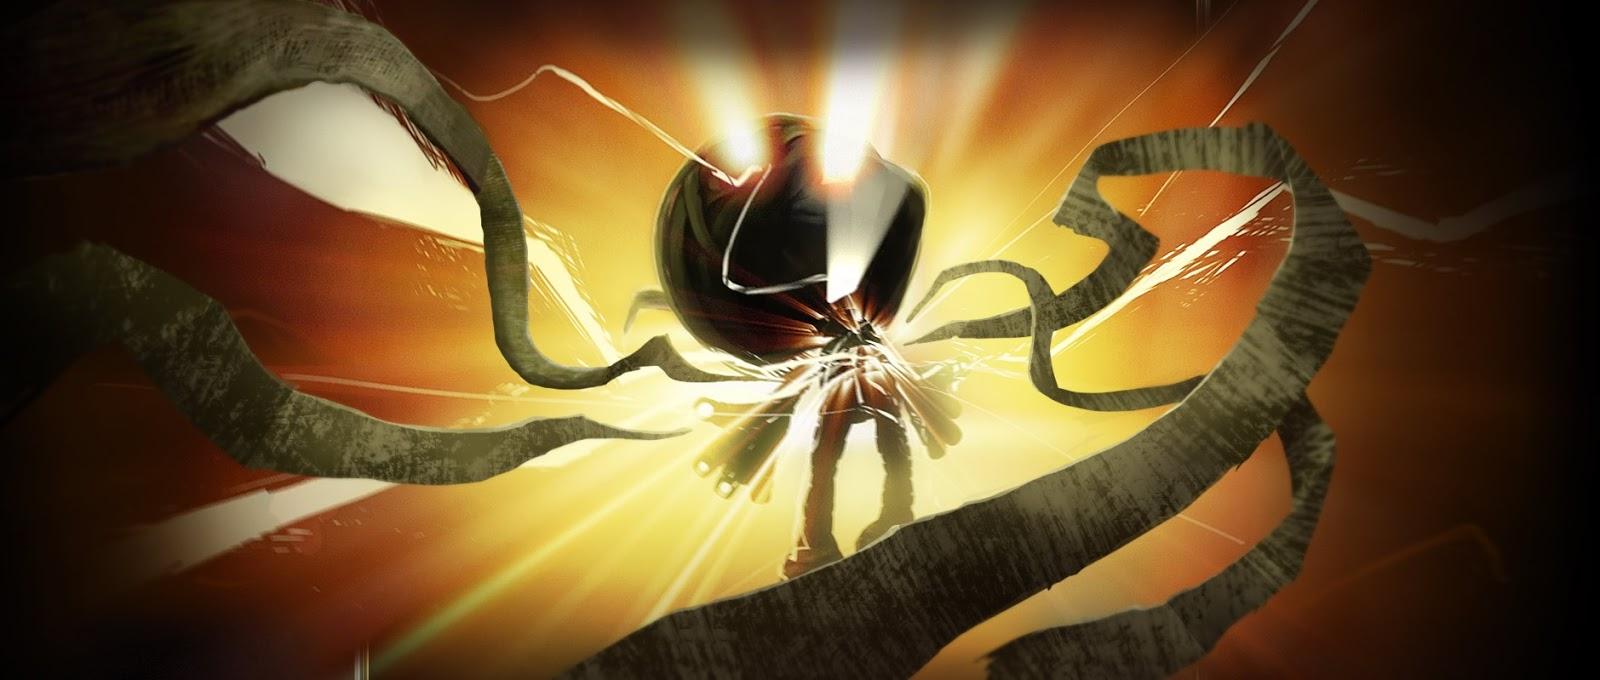 Image - Amumu Curse of Sad Mummy art 9.jpg | League of Legends Wiki ...